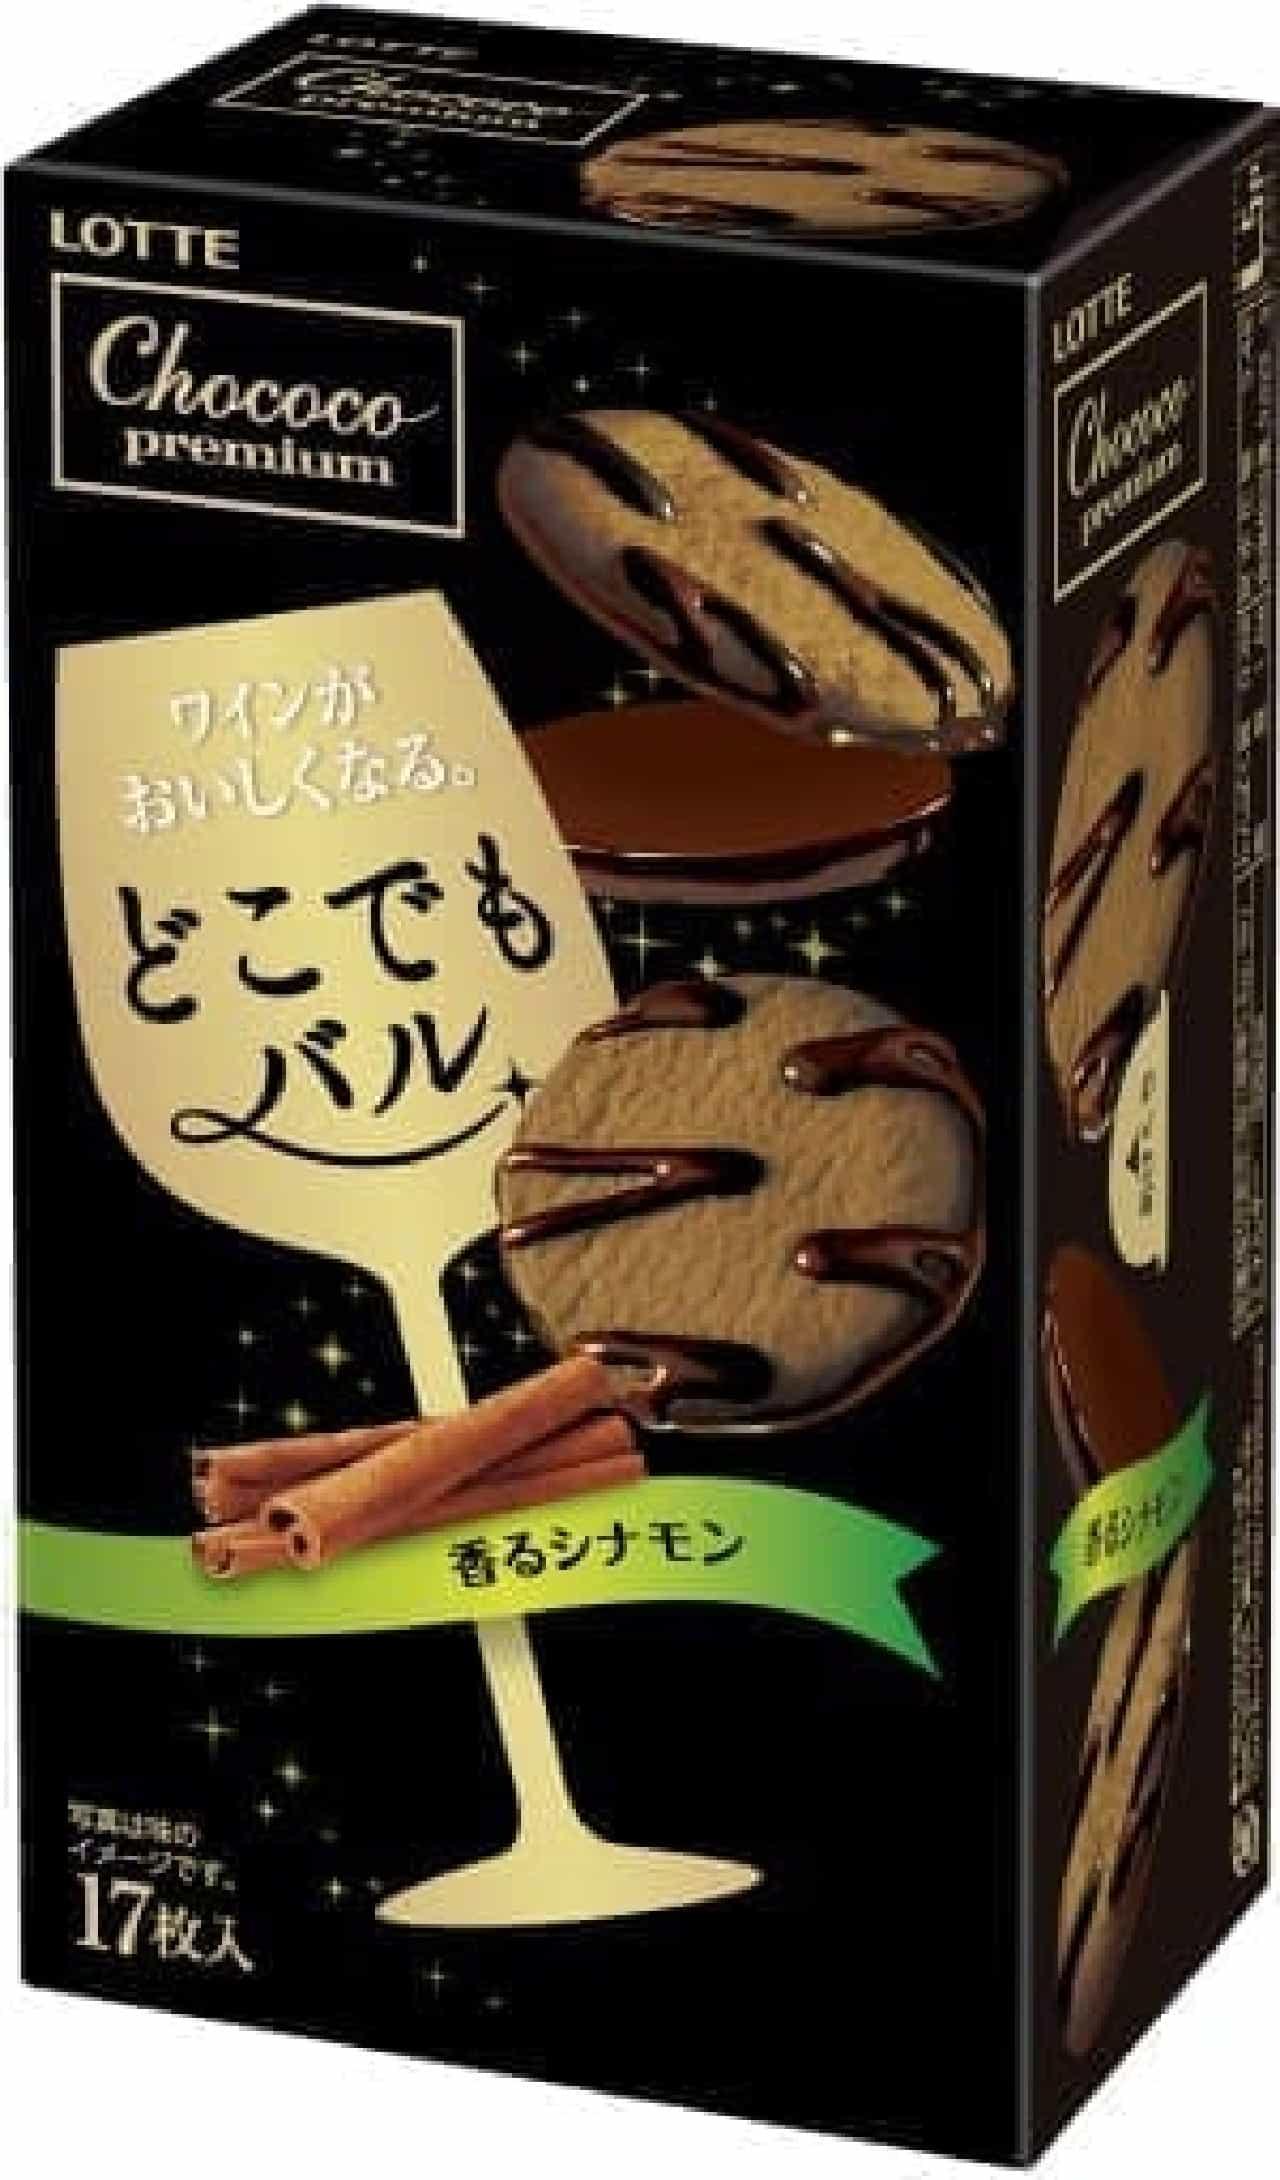 ロッテ「チョココプレミアム<香るシナモン>」